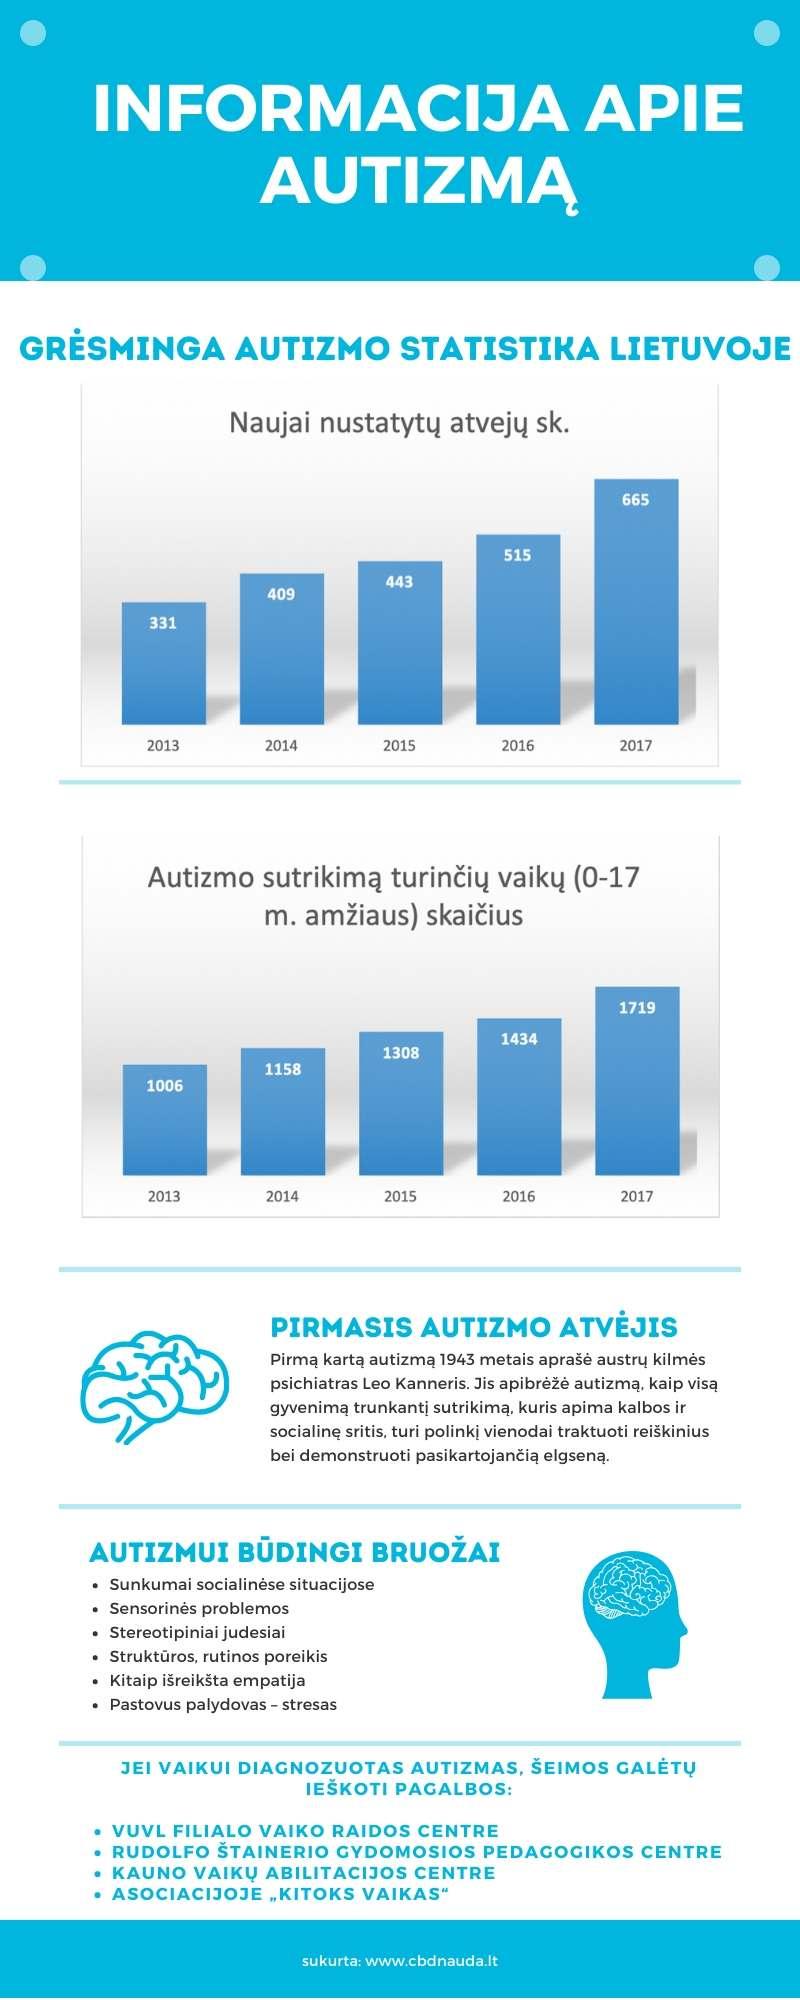 autizmo statistika